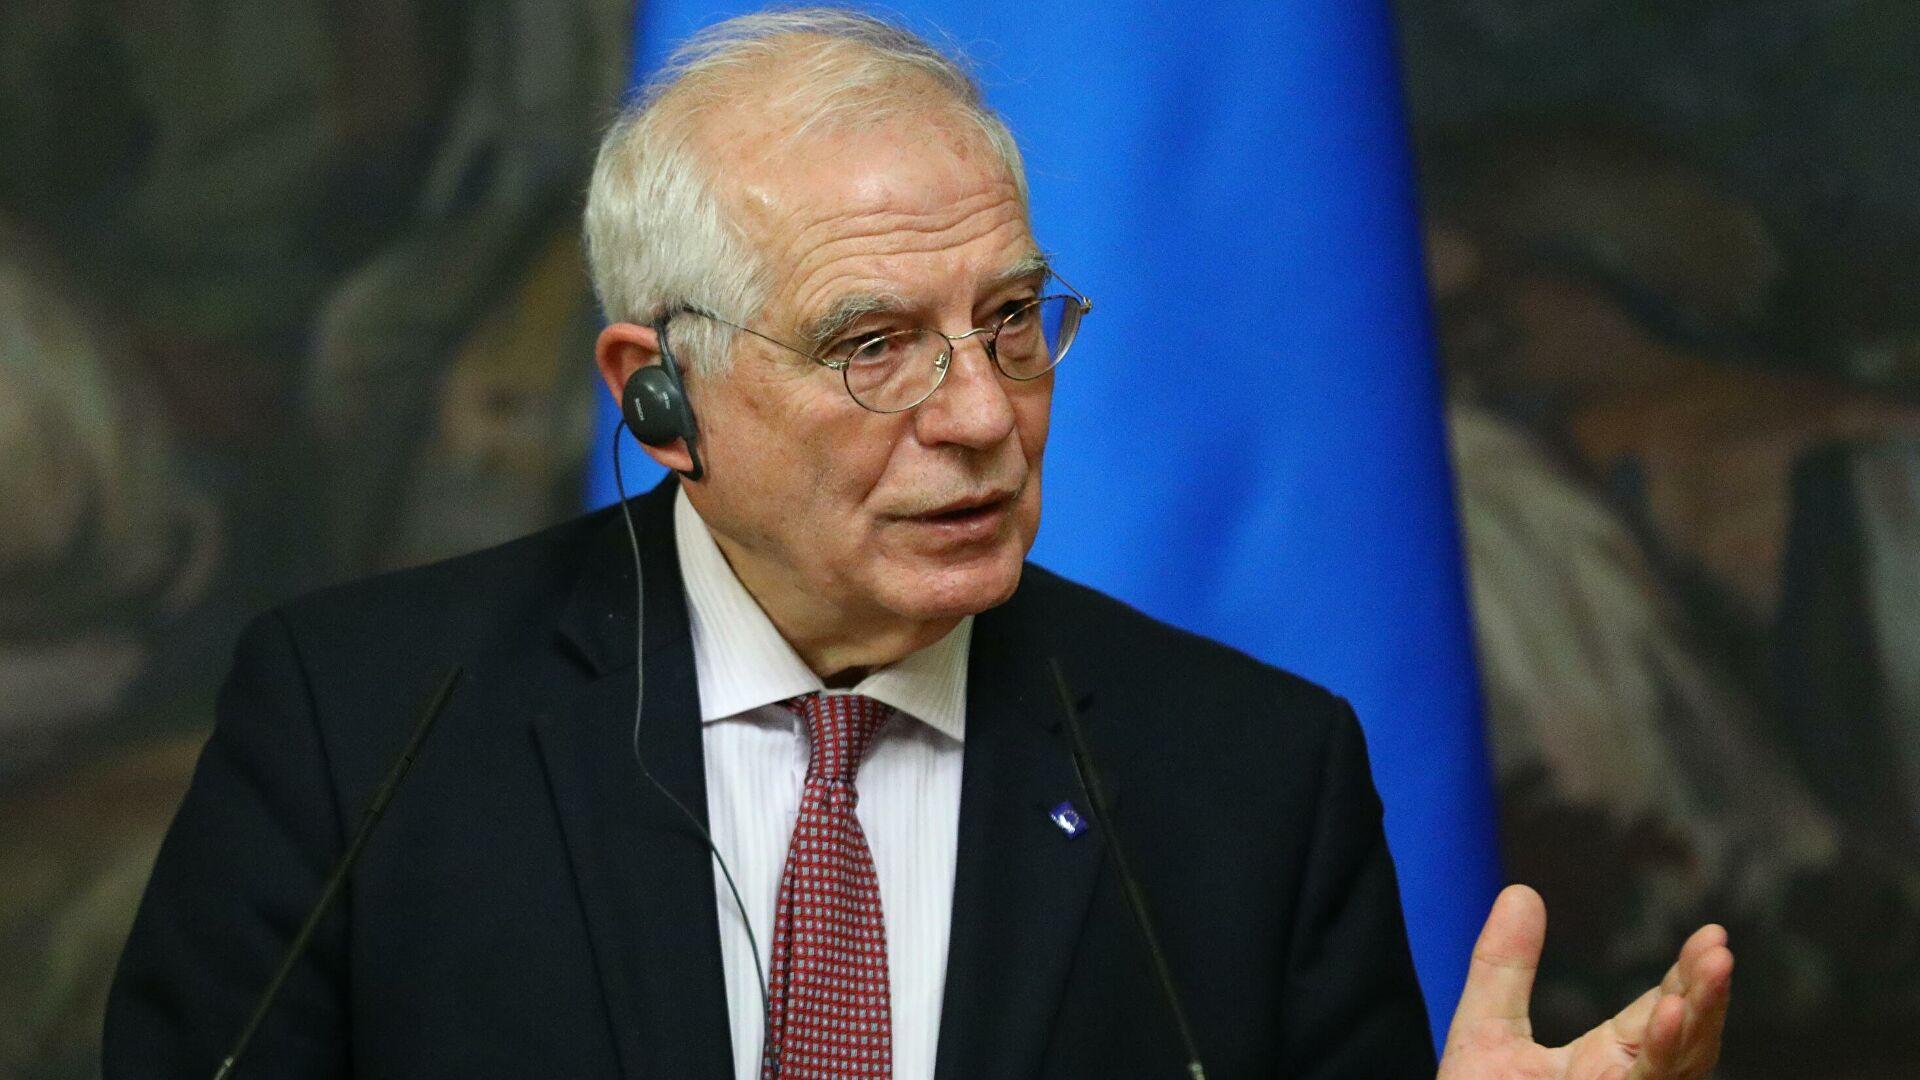 Борељ: Још један еклатантан покушај белоруских власти да утишају све гласове опозиције